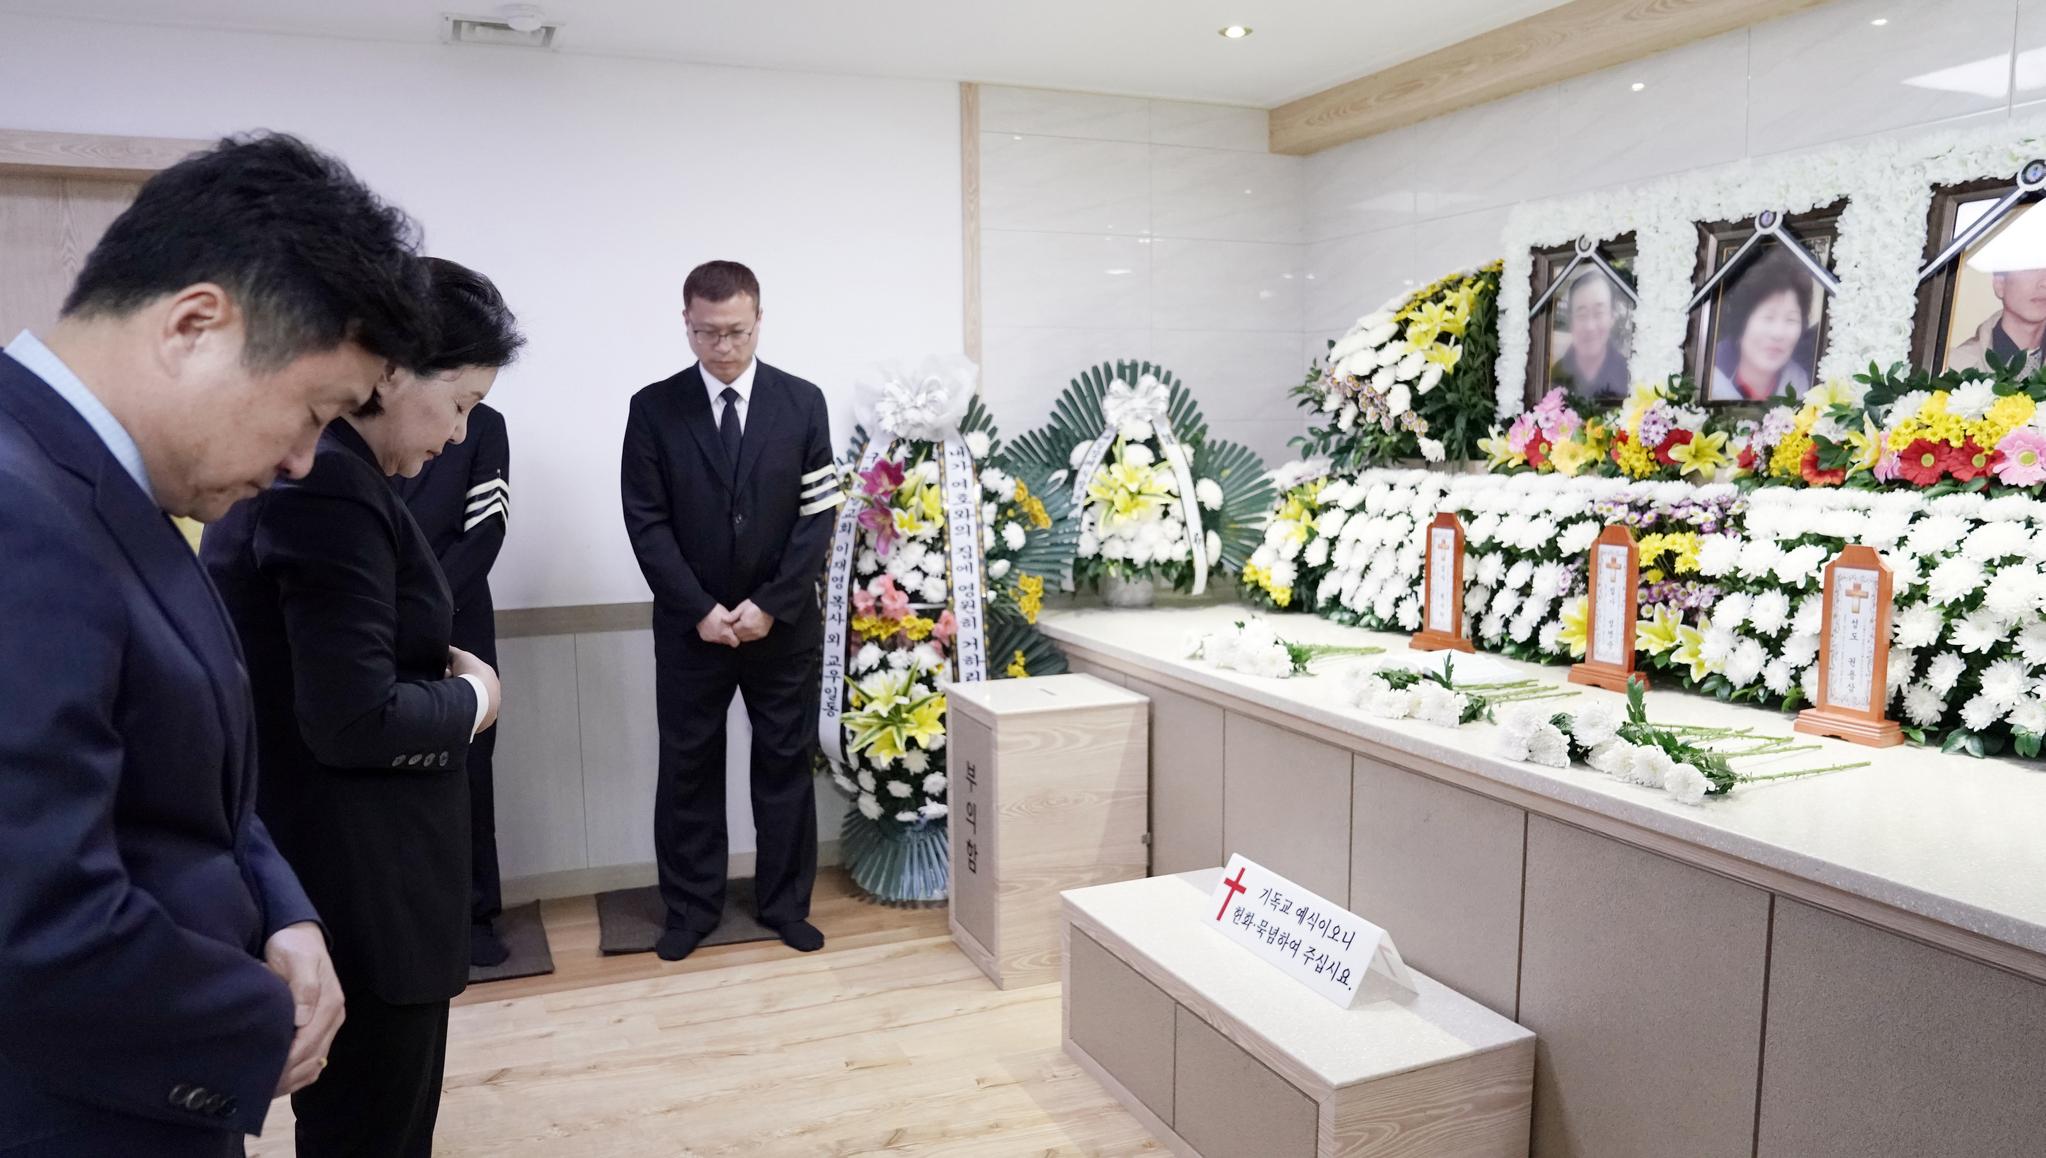 문재인 대통령의 부인 김정숙 여사가 6일 오후 부산 사하구 한 장례식장에 마련된 산사태 희생자 빈소를 찾아 조문하고 있다. [사진 청와대]